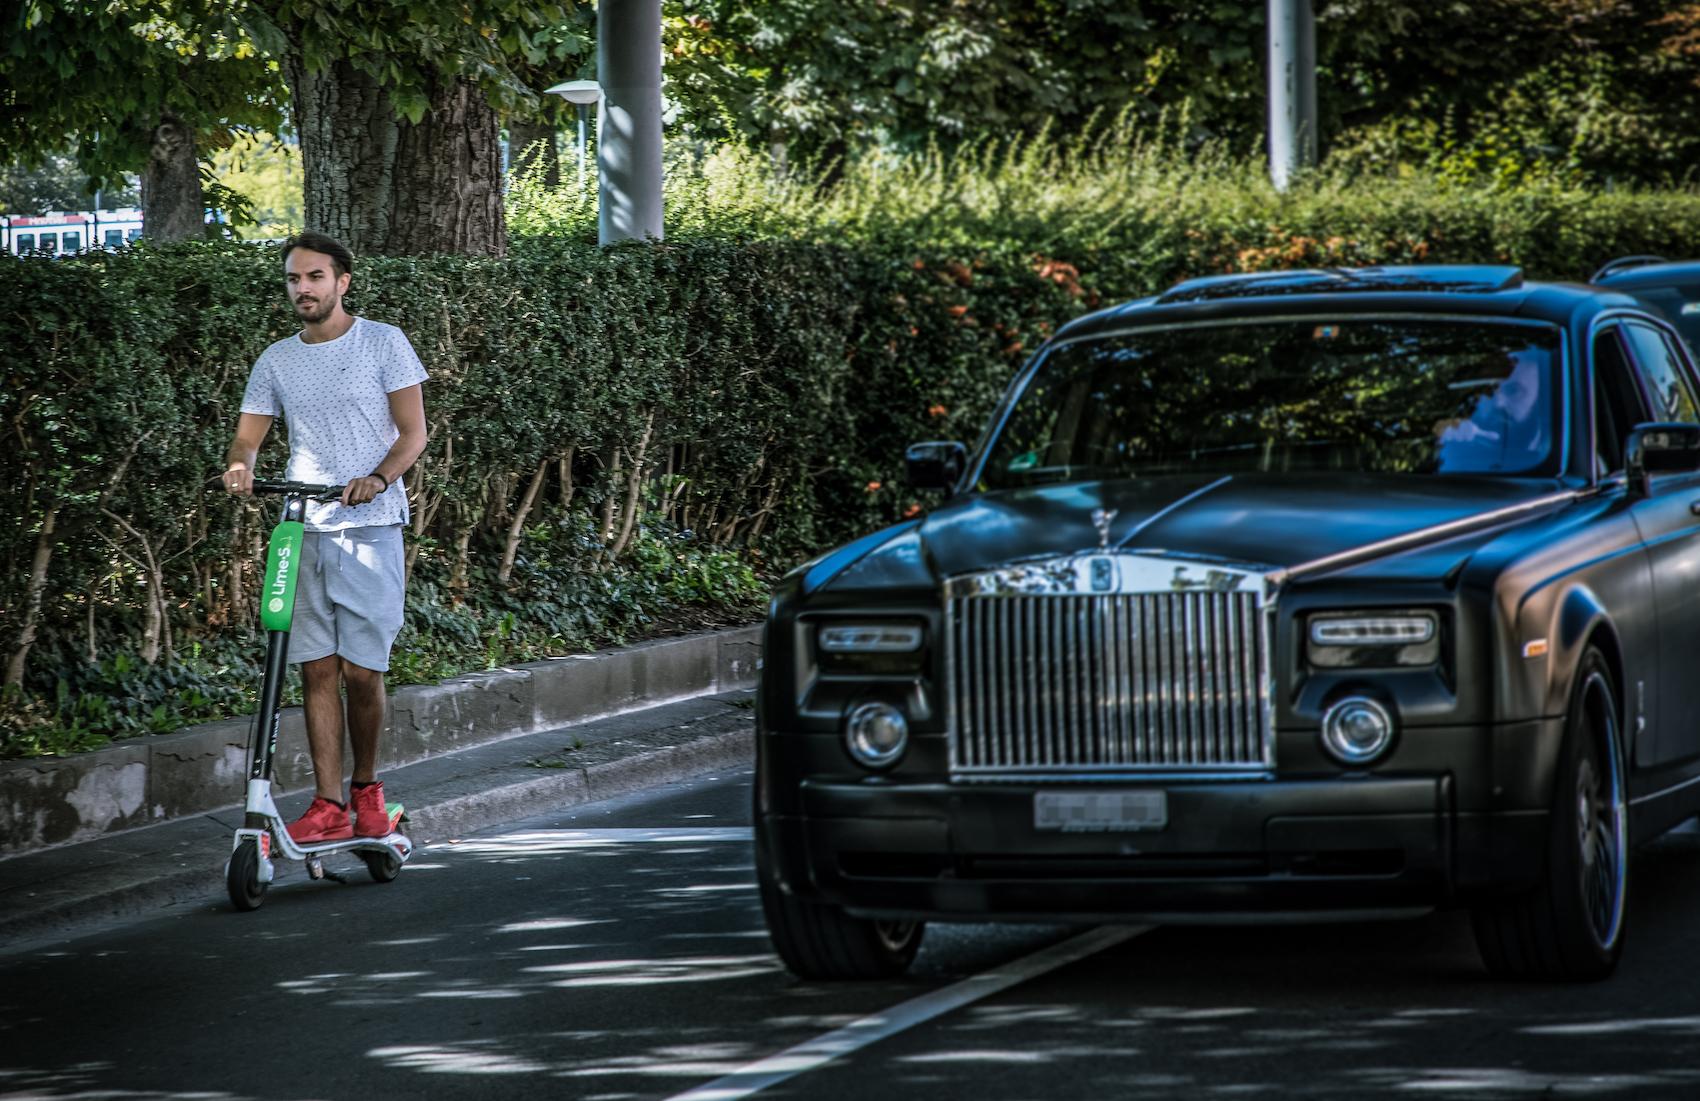 Gli scooter elettrici di Lime sono già parte della fisionomia delle strade di Zurigo. (Philippe Rossier)